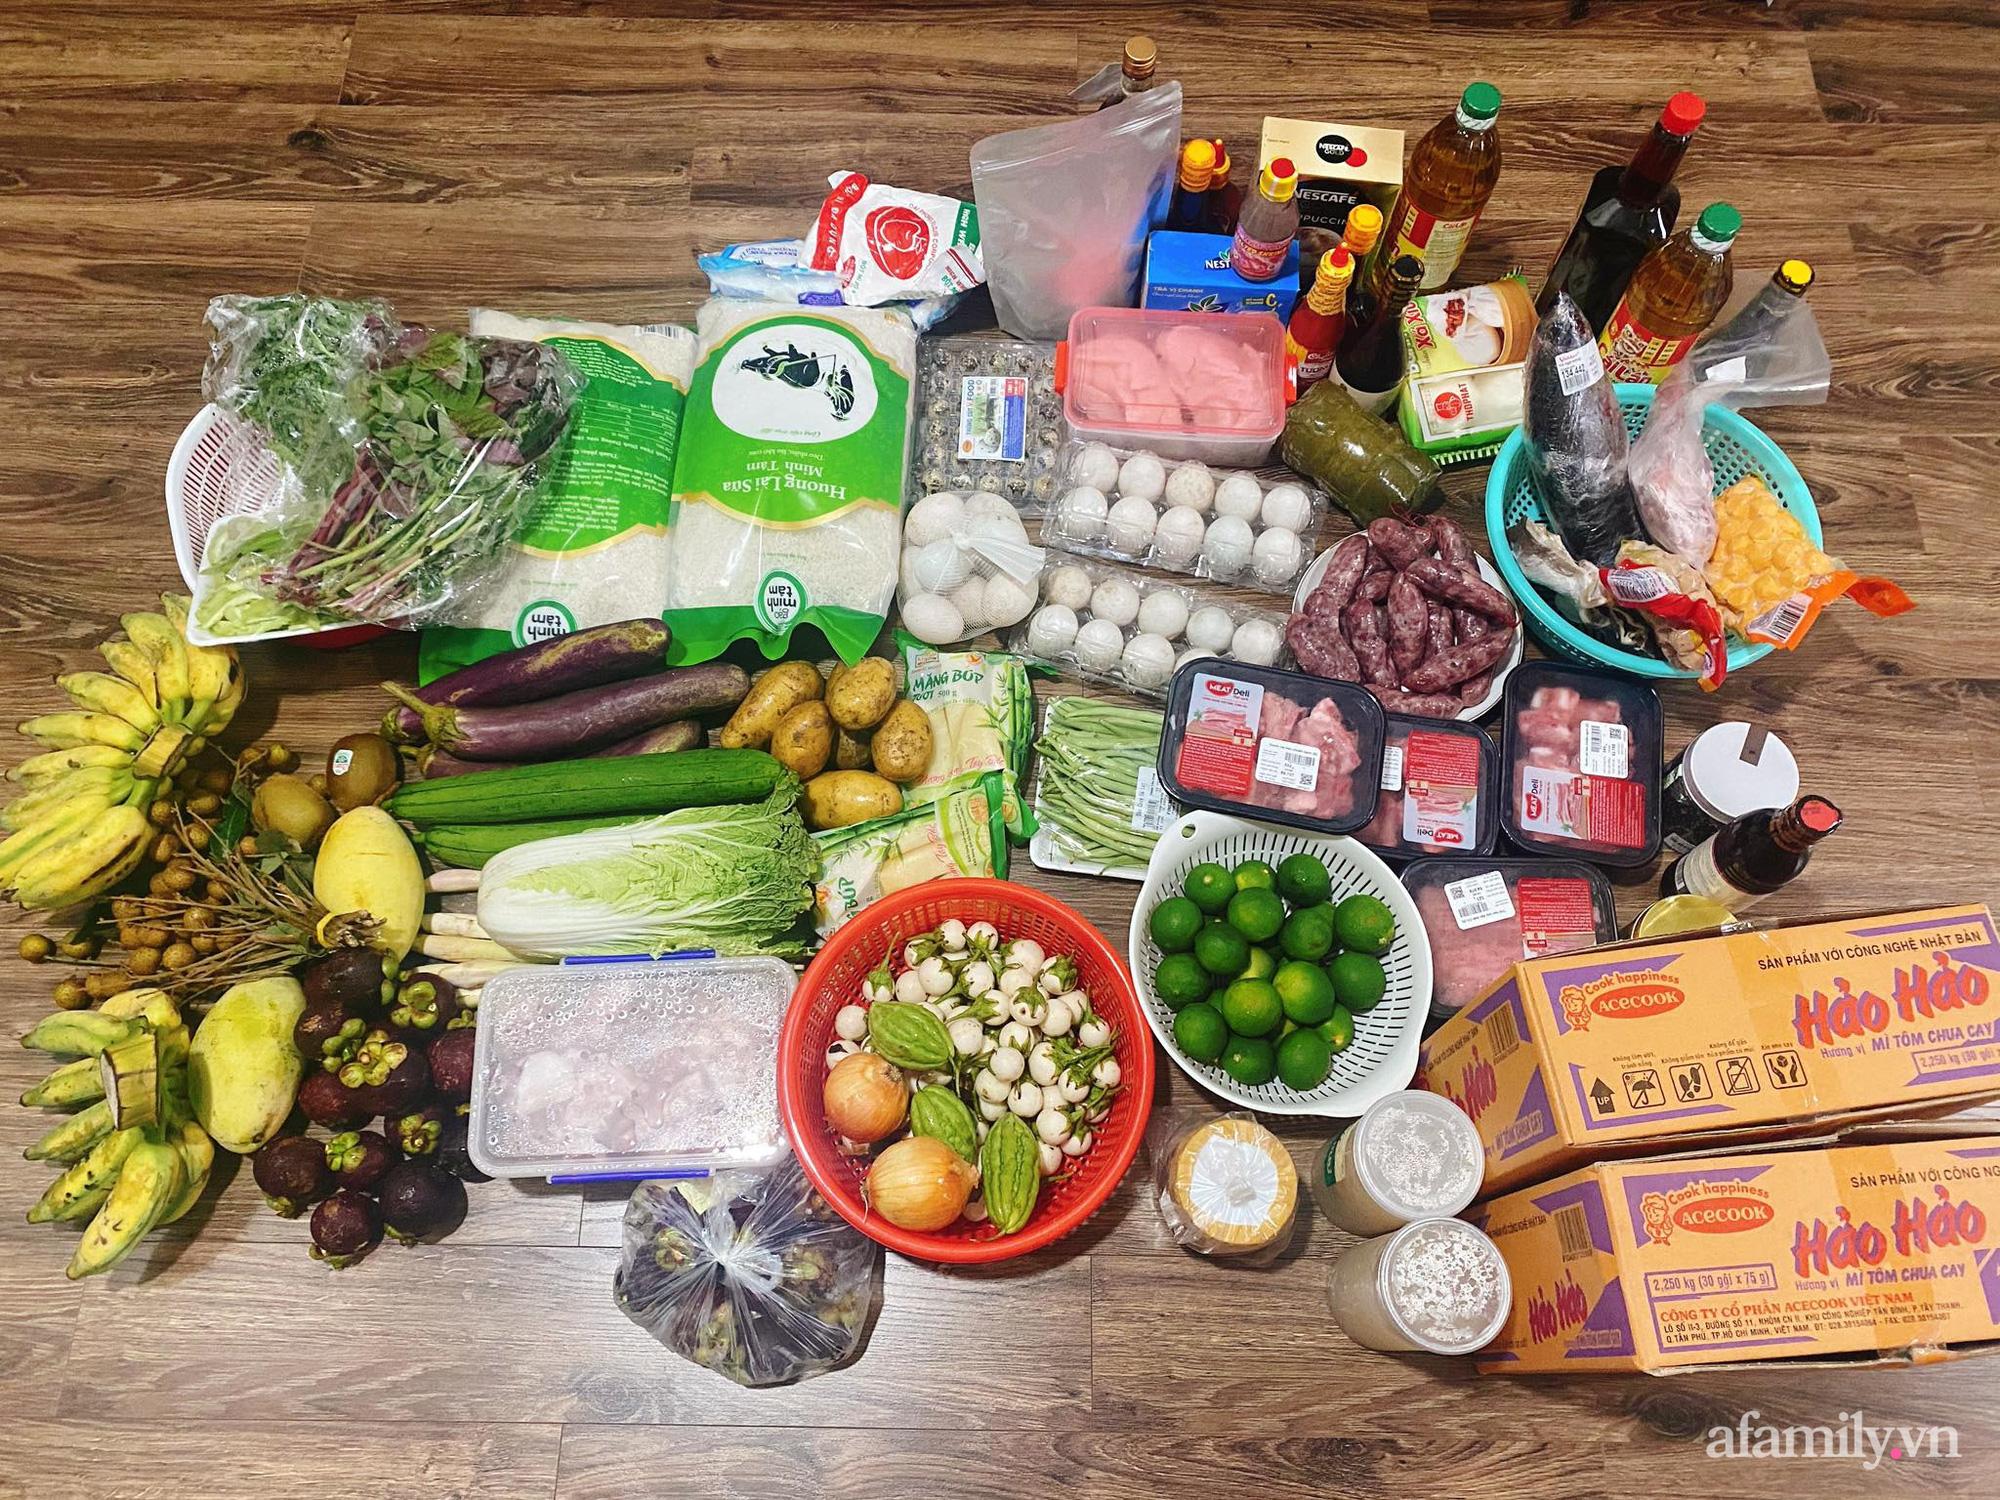 Cô gái ở Sài Gòn chia sẻ kinh nghiệm mua thịt cá, rau củ, thuốc men trong mùa dịch - Ảnh 3.